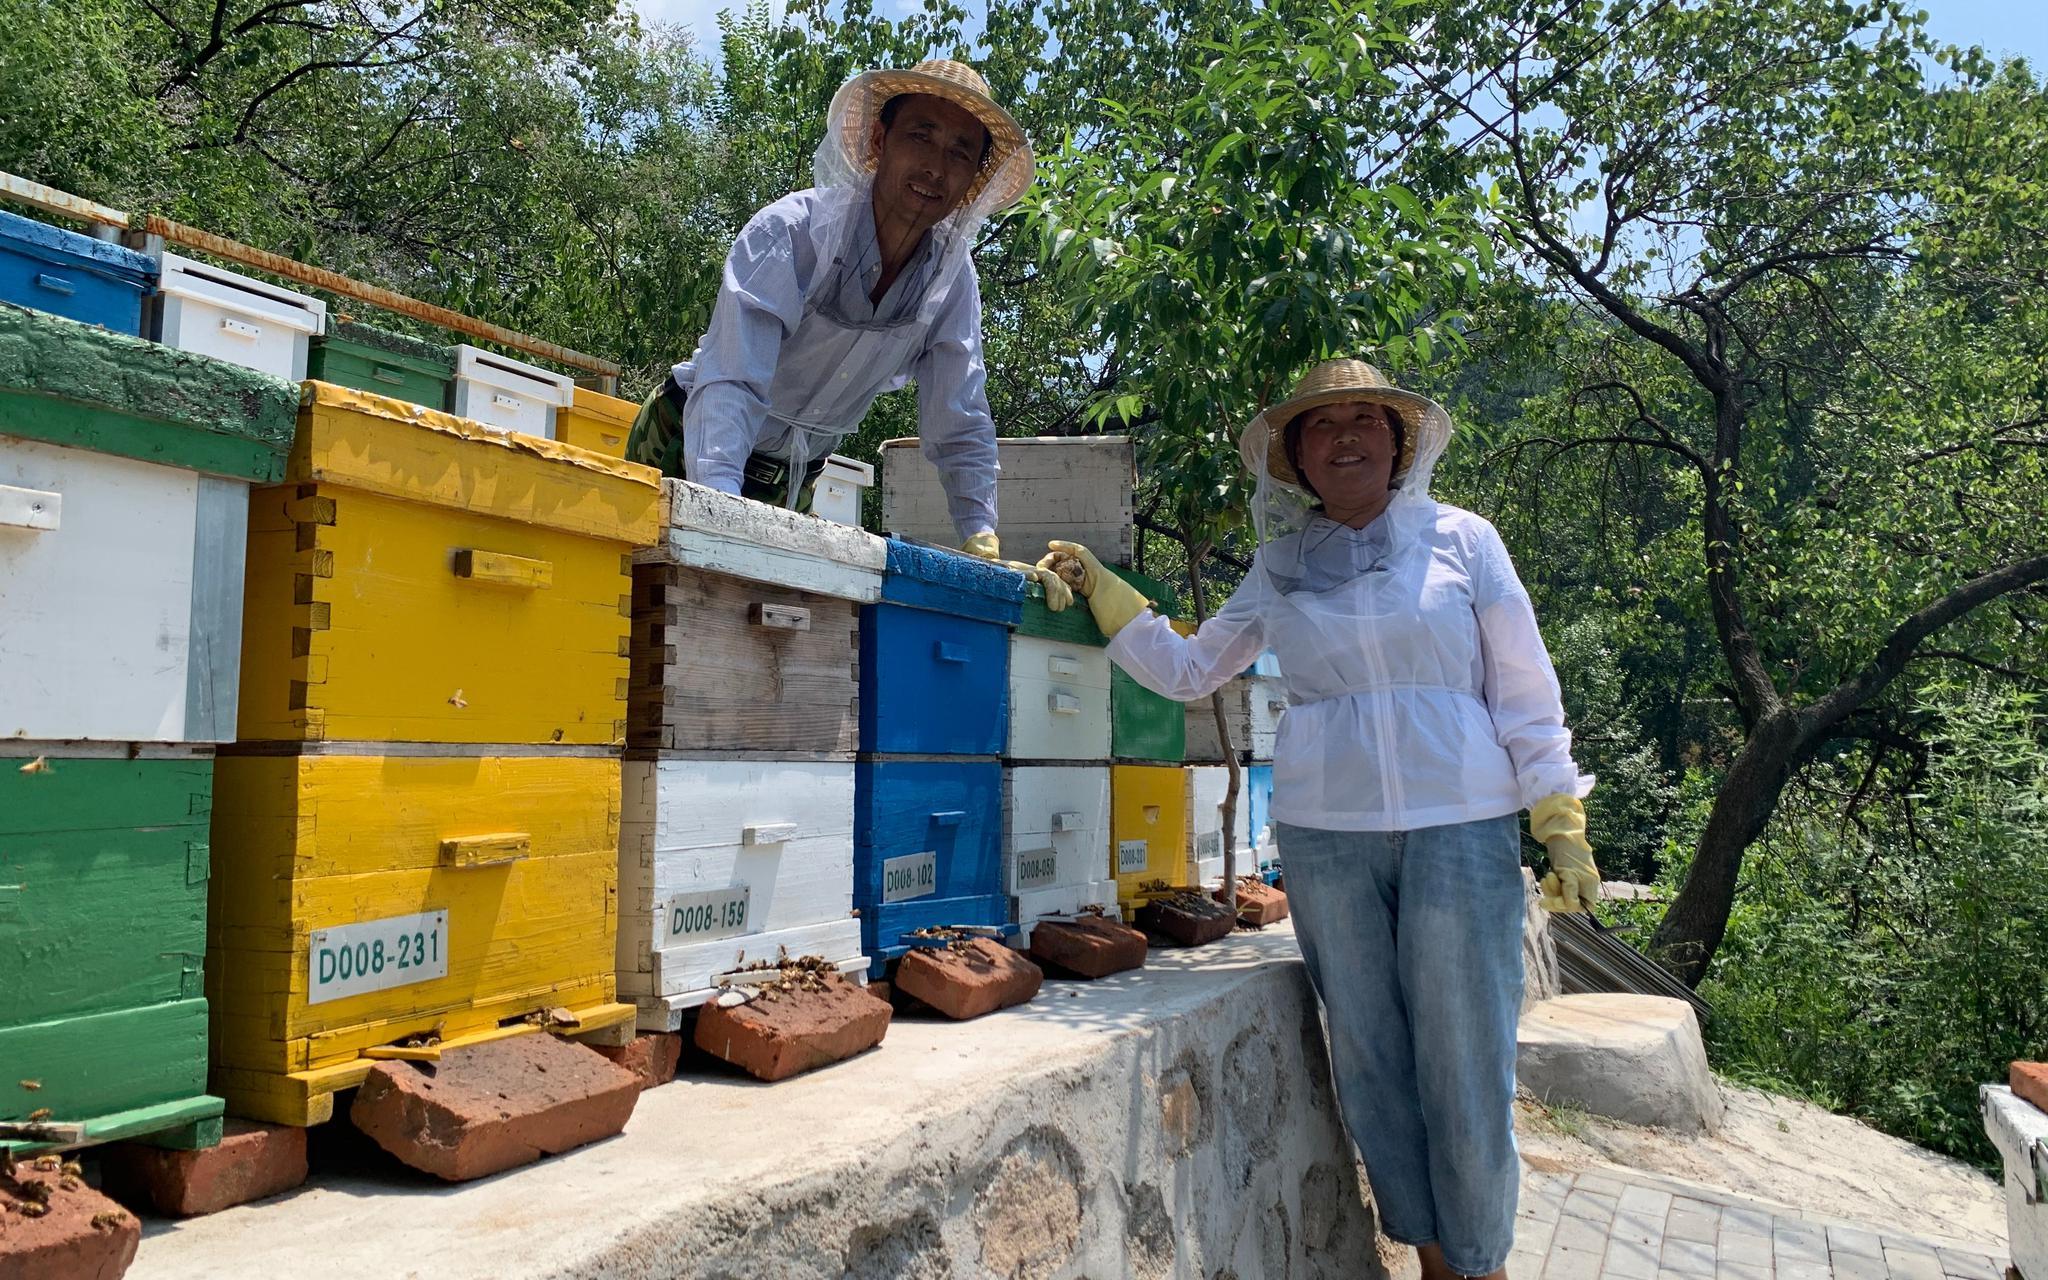 杏悦,库边的养蜂人十一万杏悦蜂群酿出甜蜜的事图片